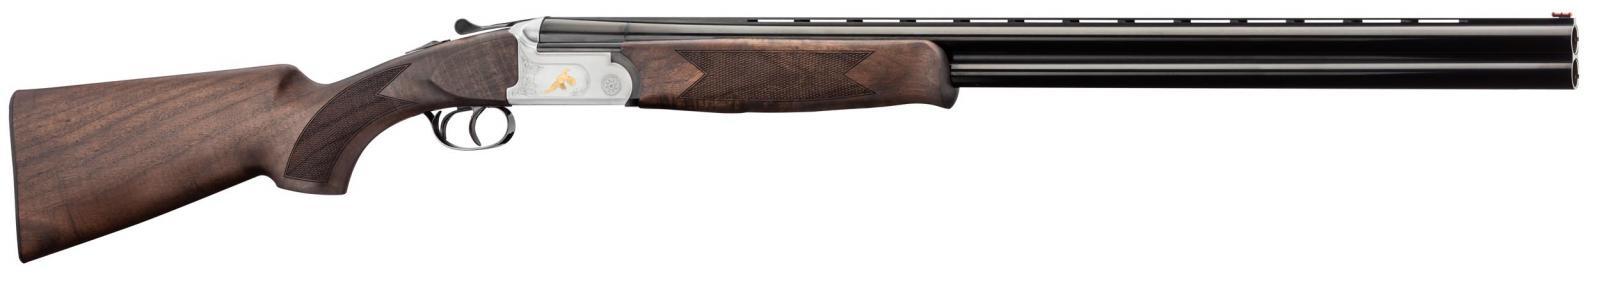 Fusil superposé RENATO BALDI Spécial Canard Cal 12/89